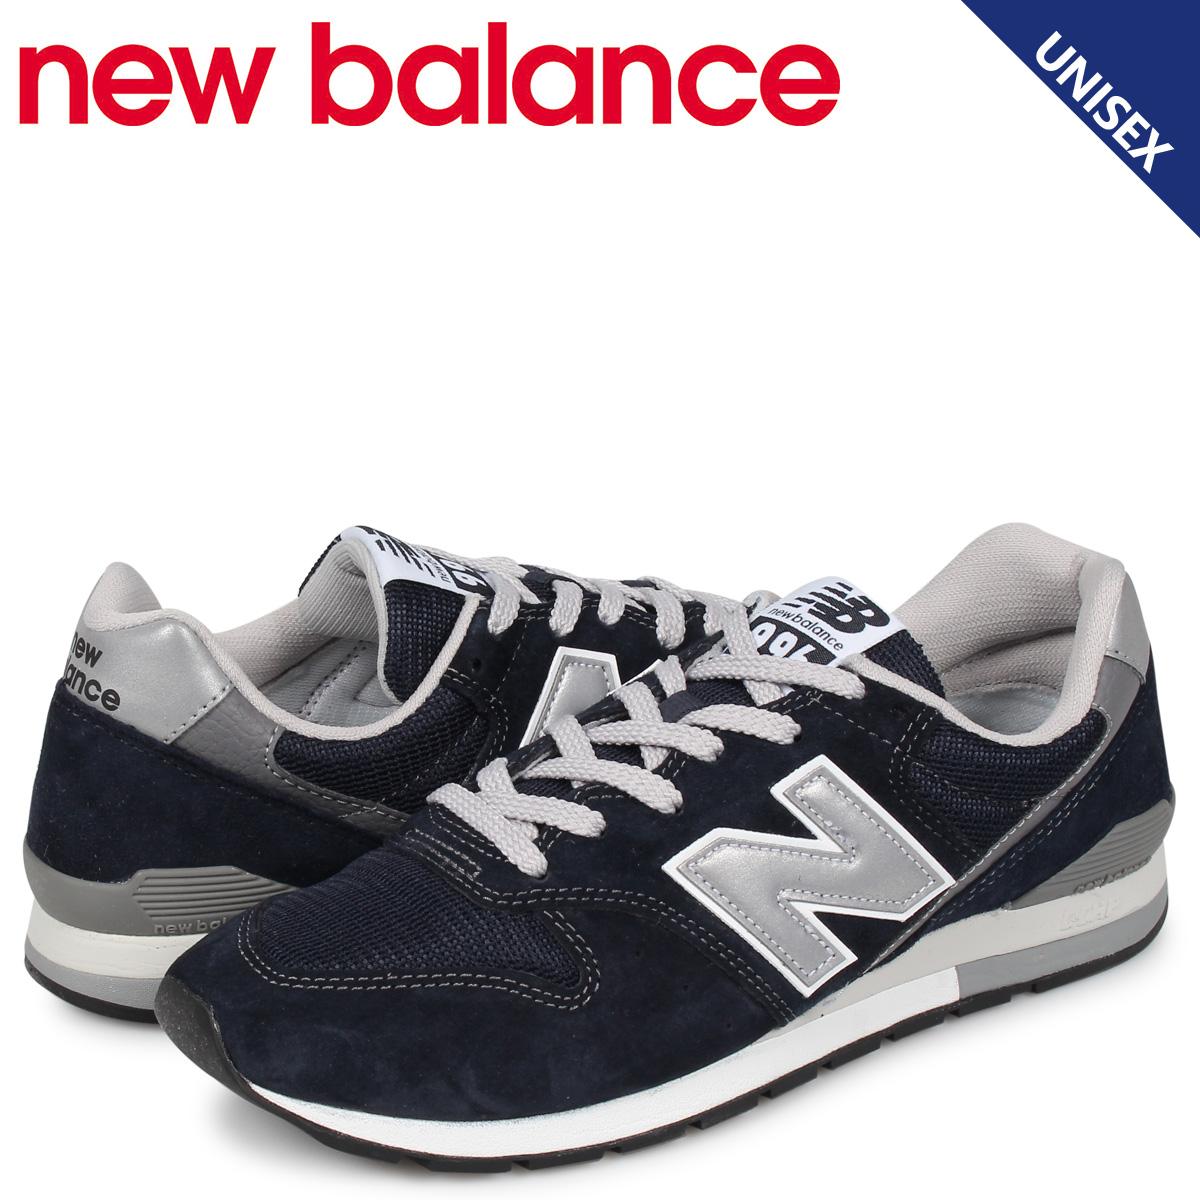 【お買い物マラソンSALE】 ニューバランス new balance 996 スニーカー メンズ レディース Dワイズ ネイビー CM996BN